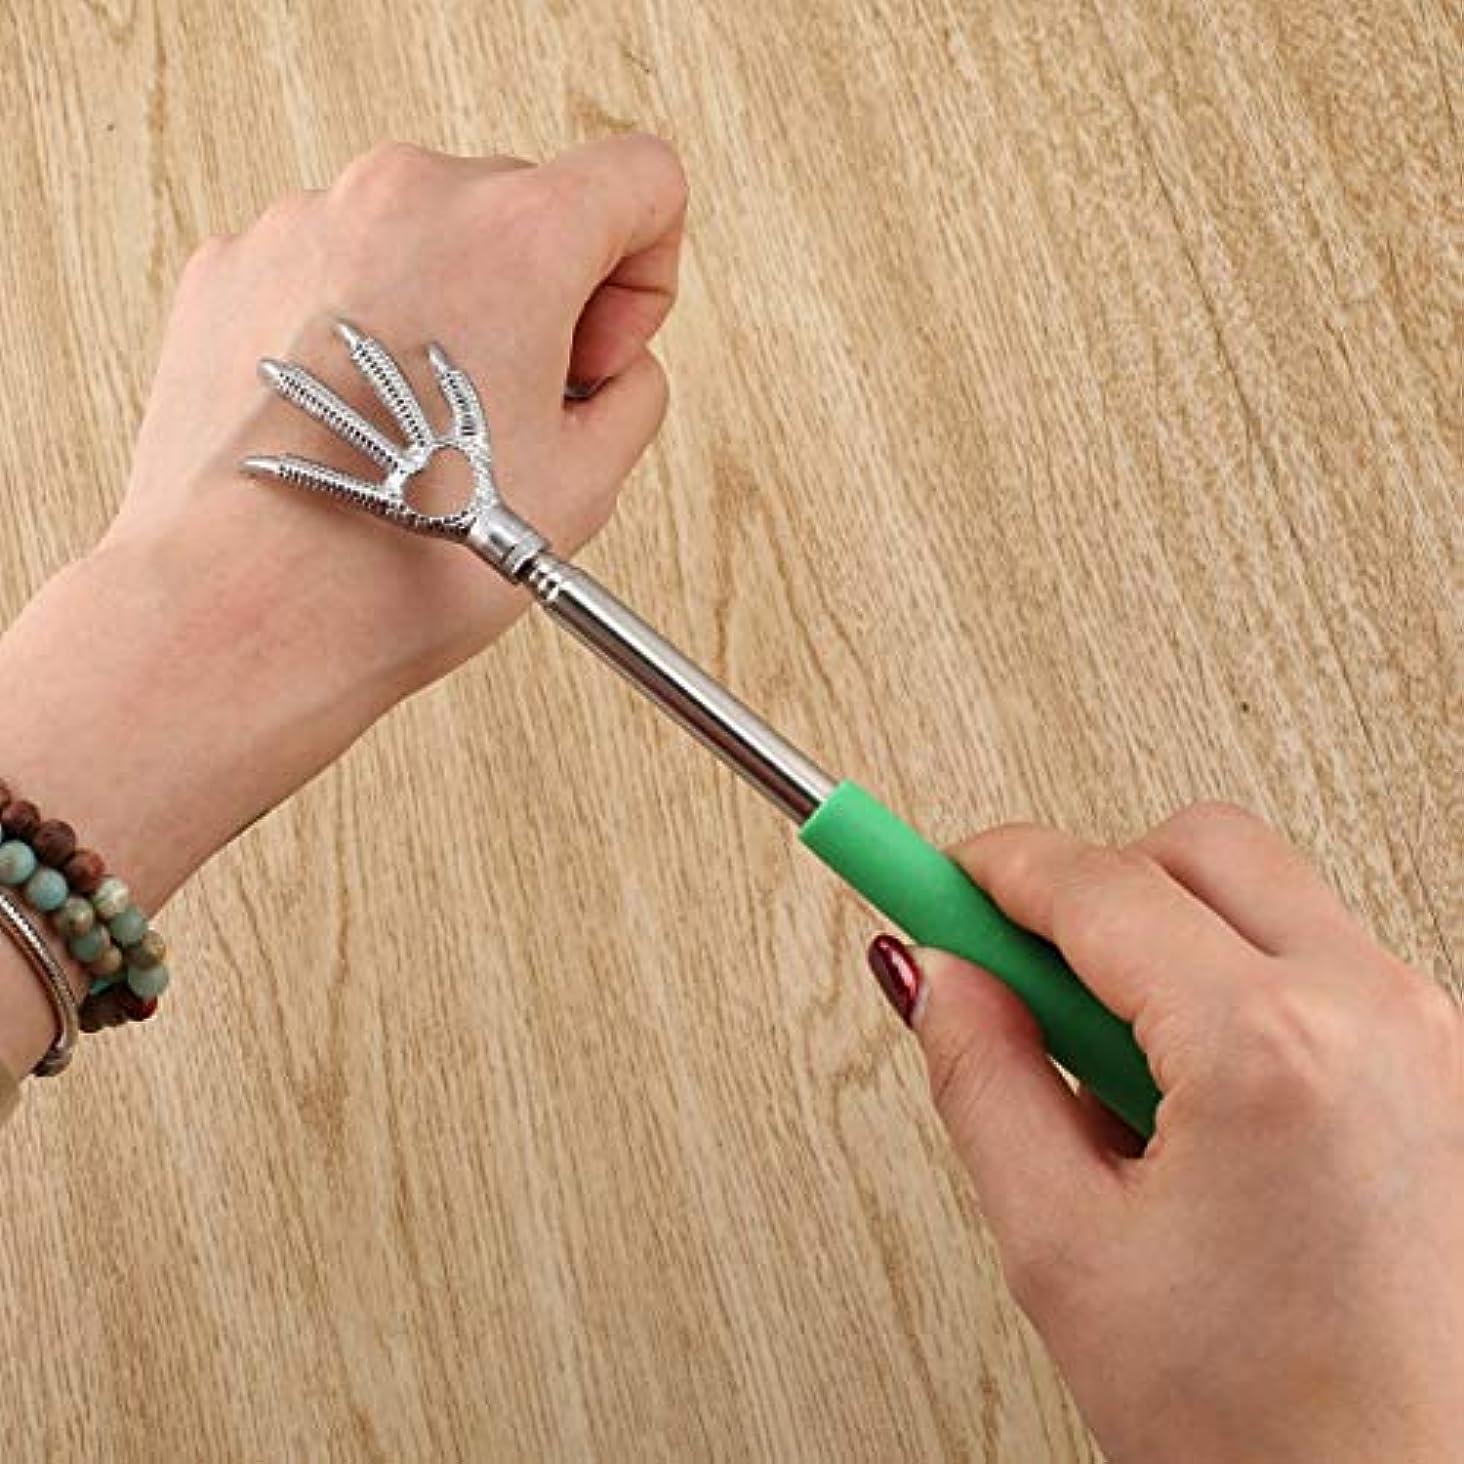 甲虫プロポーショナルに頼るCompact Telescopic Claw Stainless Steel Massager Back Scratcher 22-58cm Adjustable Back Scratching Massage Hand...